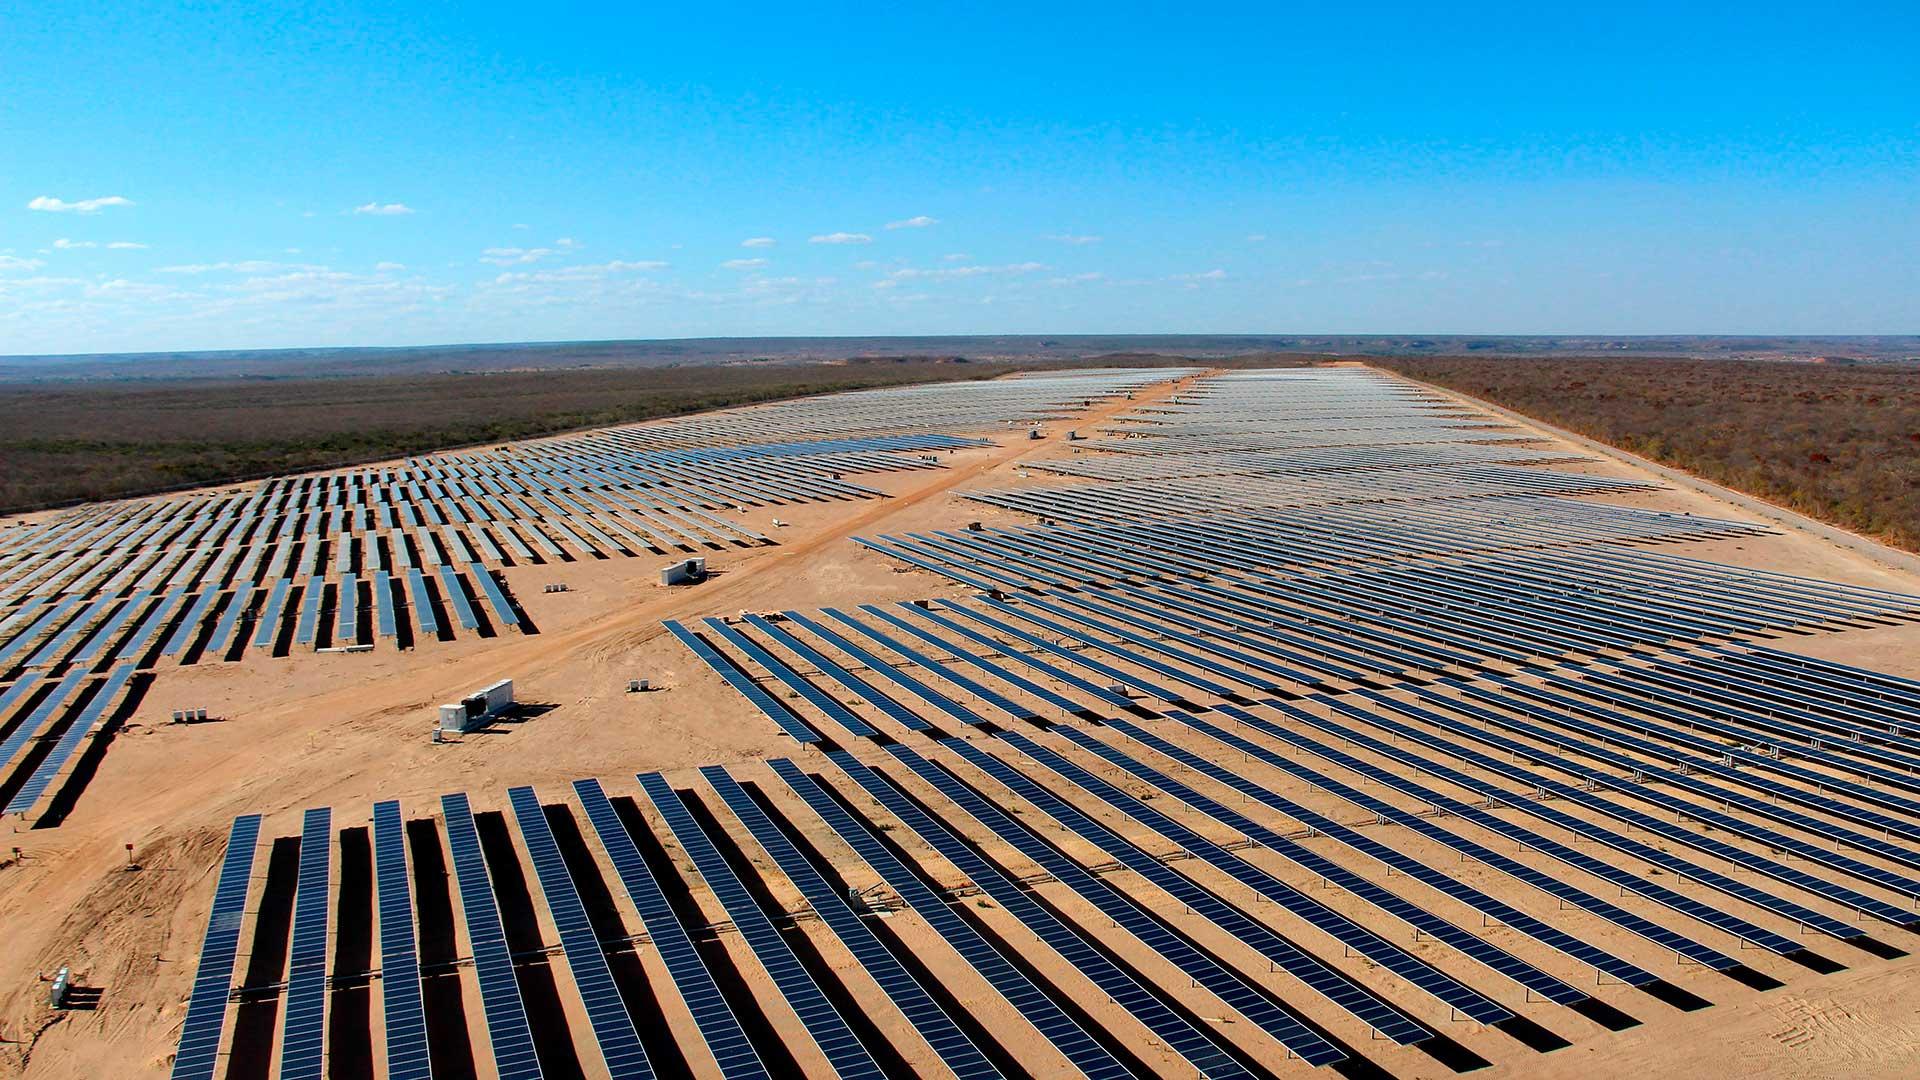 GRS-planta-fotovoltaica-Sobral-Brasil